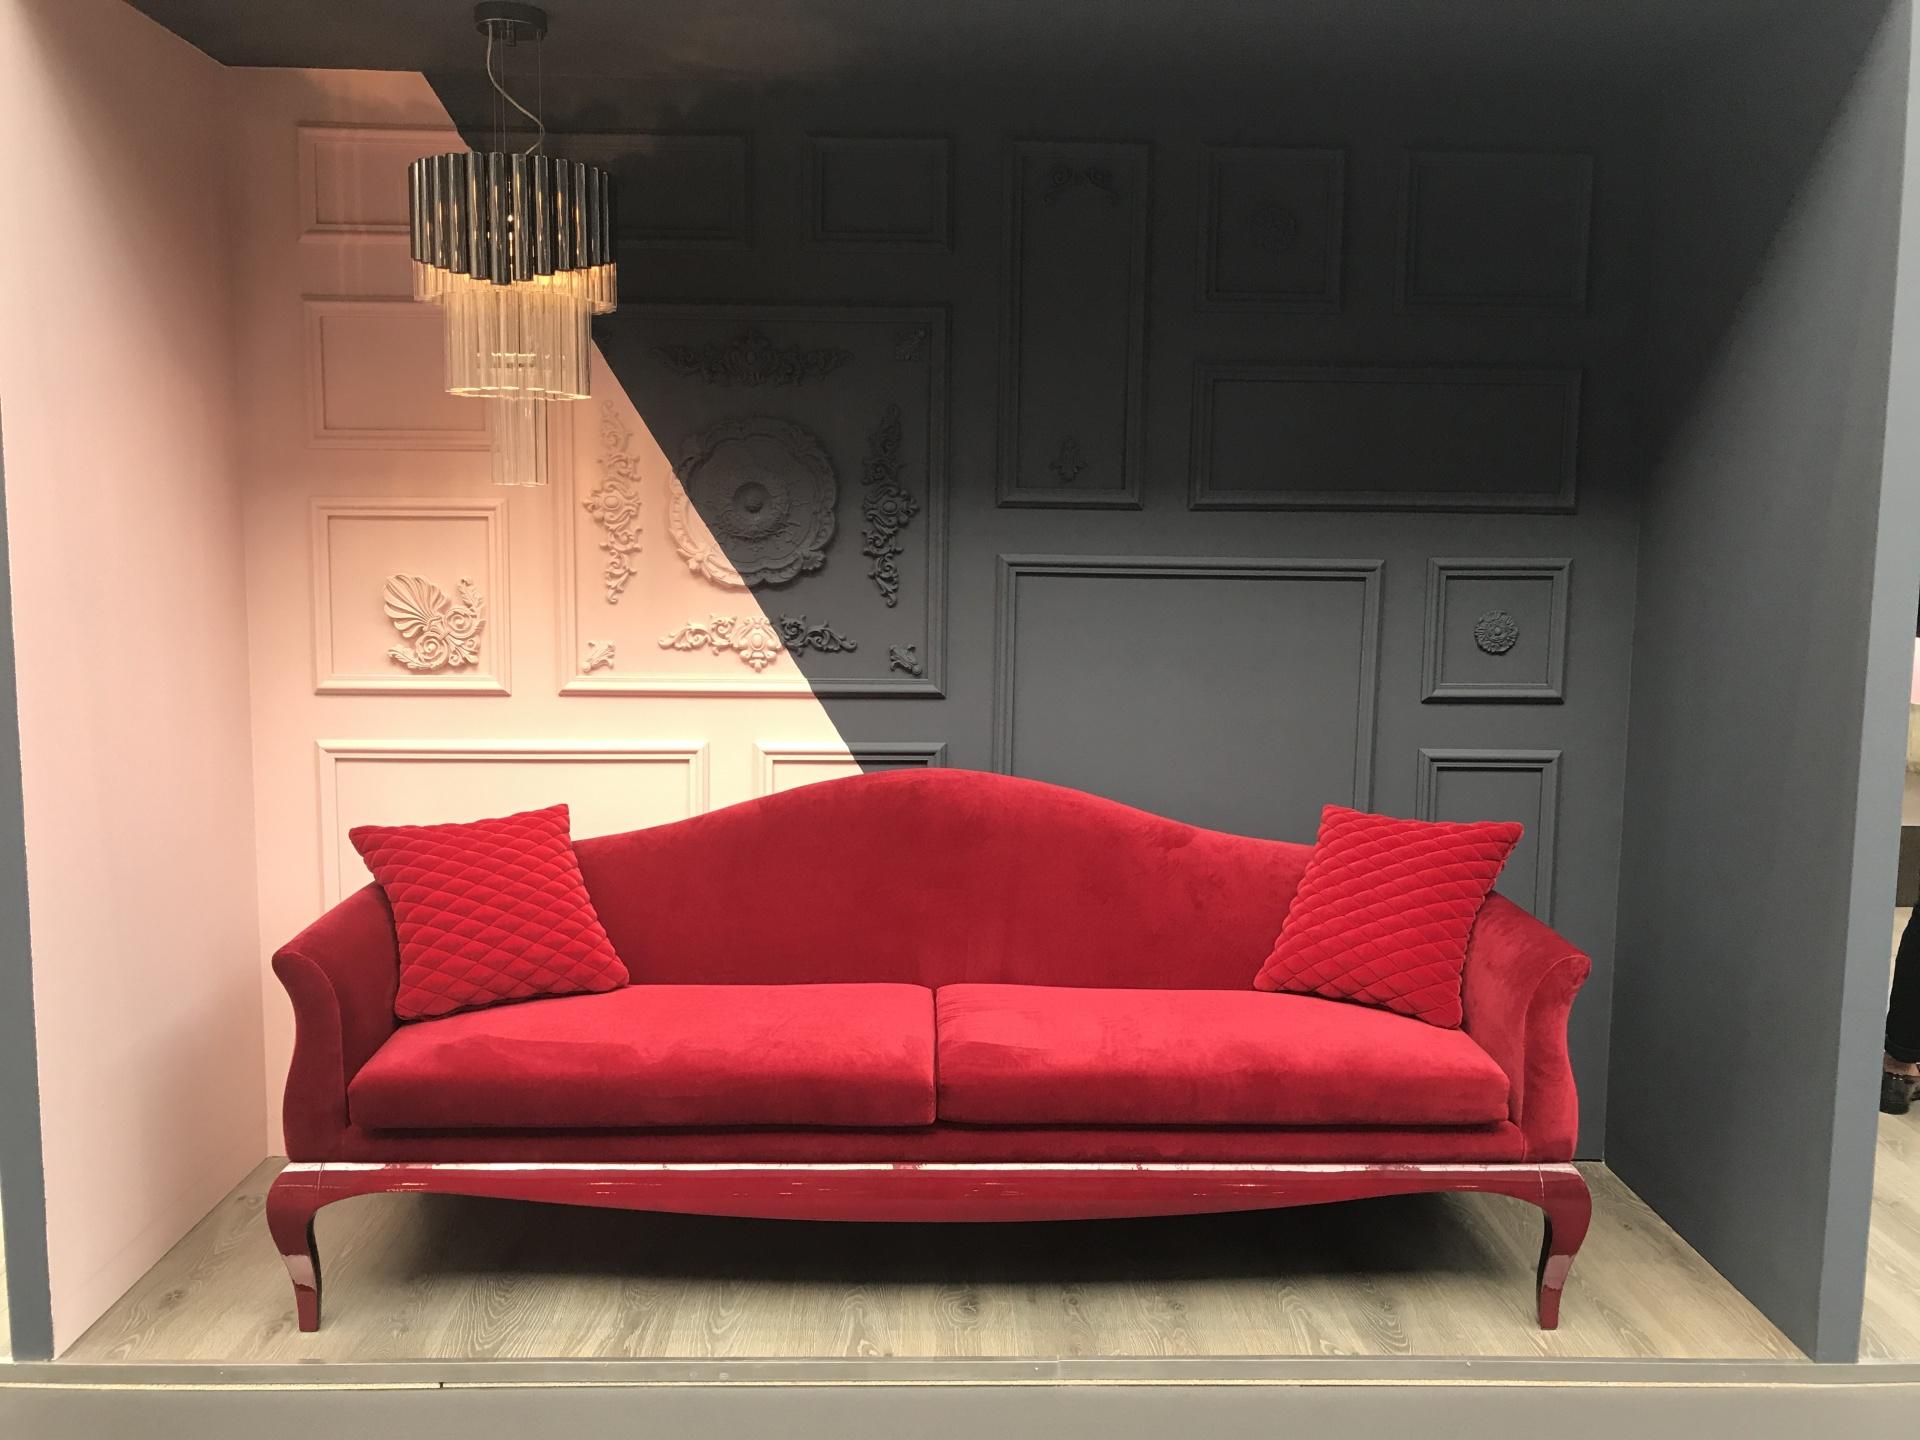 100% Design - Kensingon Olympia